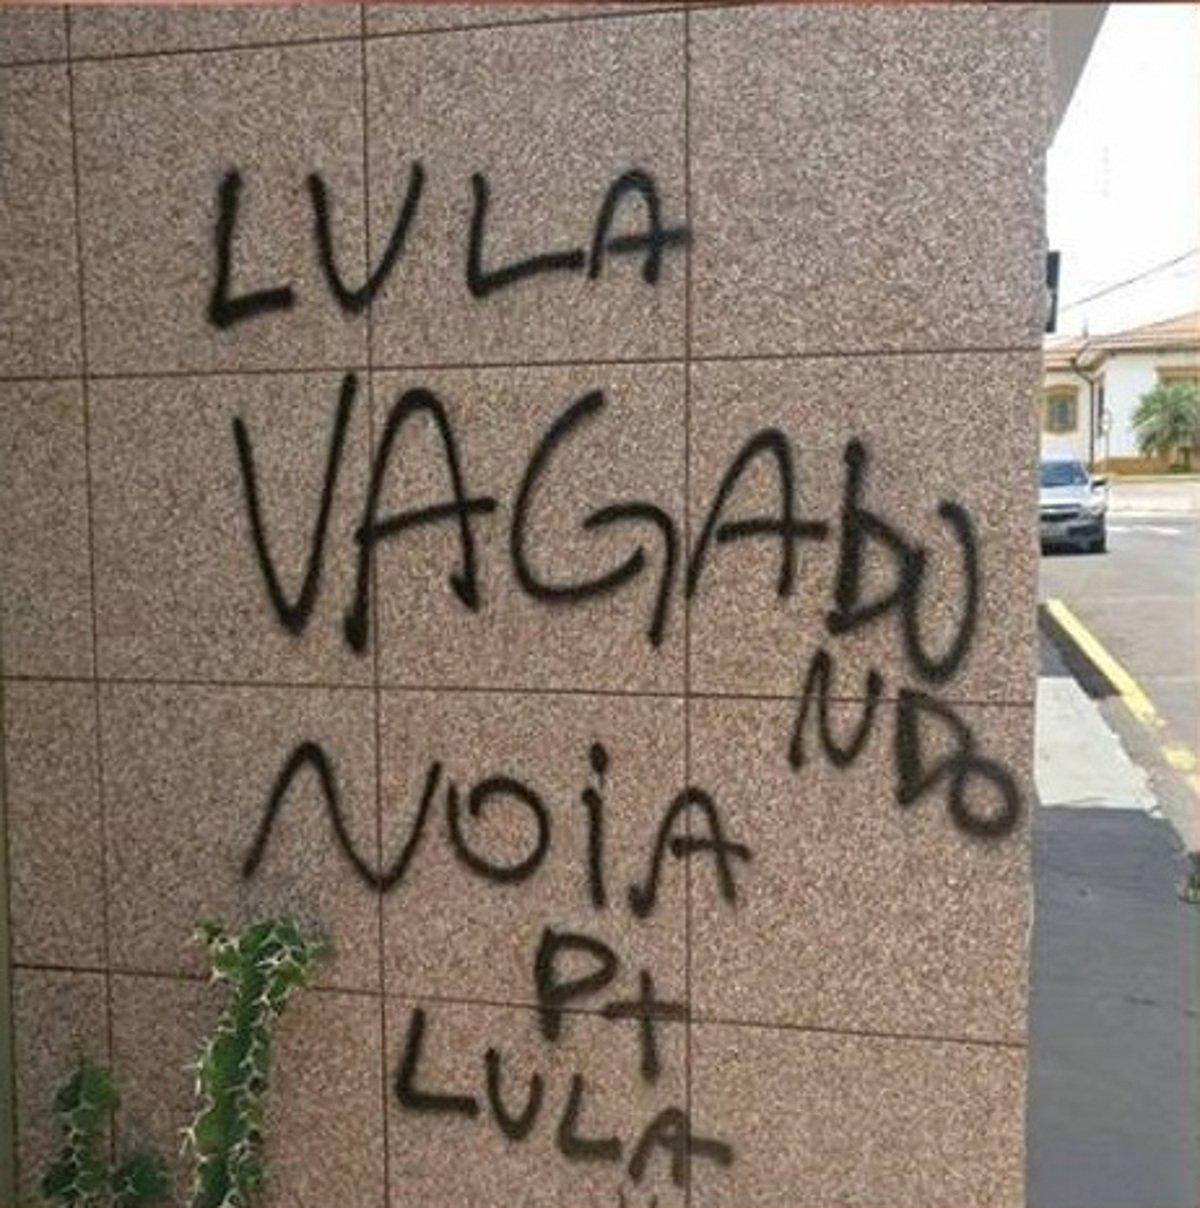 """Vândalos invadiram e picharam o local, com frases e símbolos nazistas e ofensas ao ex-presidente Lula; Em nota, a presidenta nacional do PT, Gleisi Hoffman, lamentou o fato e disse que """"A violência política e o ódio social crescem num ambiente de exceção como este que se configura no país, desde o Golpe de 2016"""""""